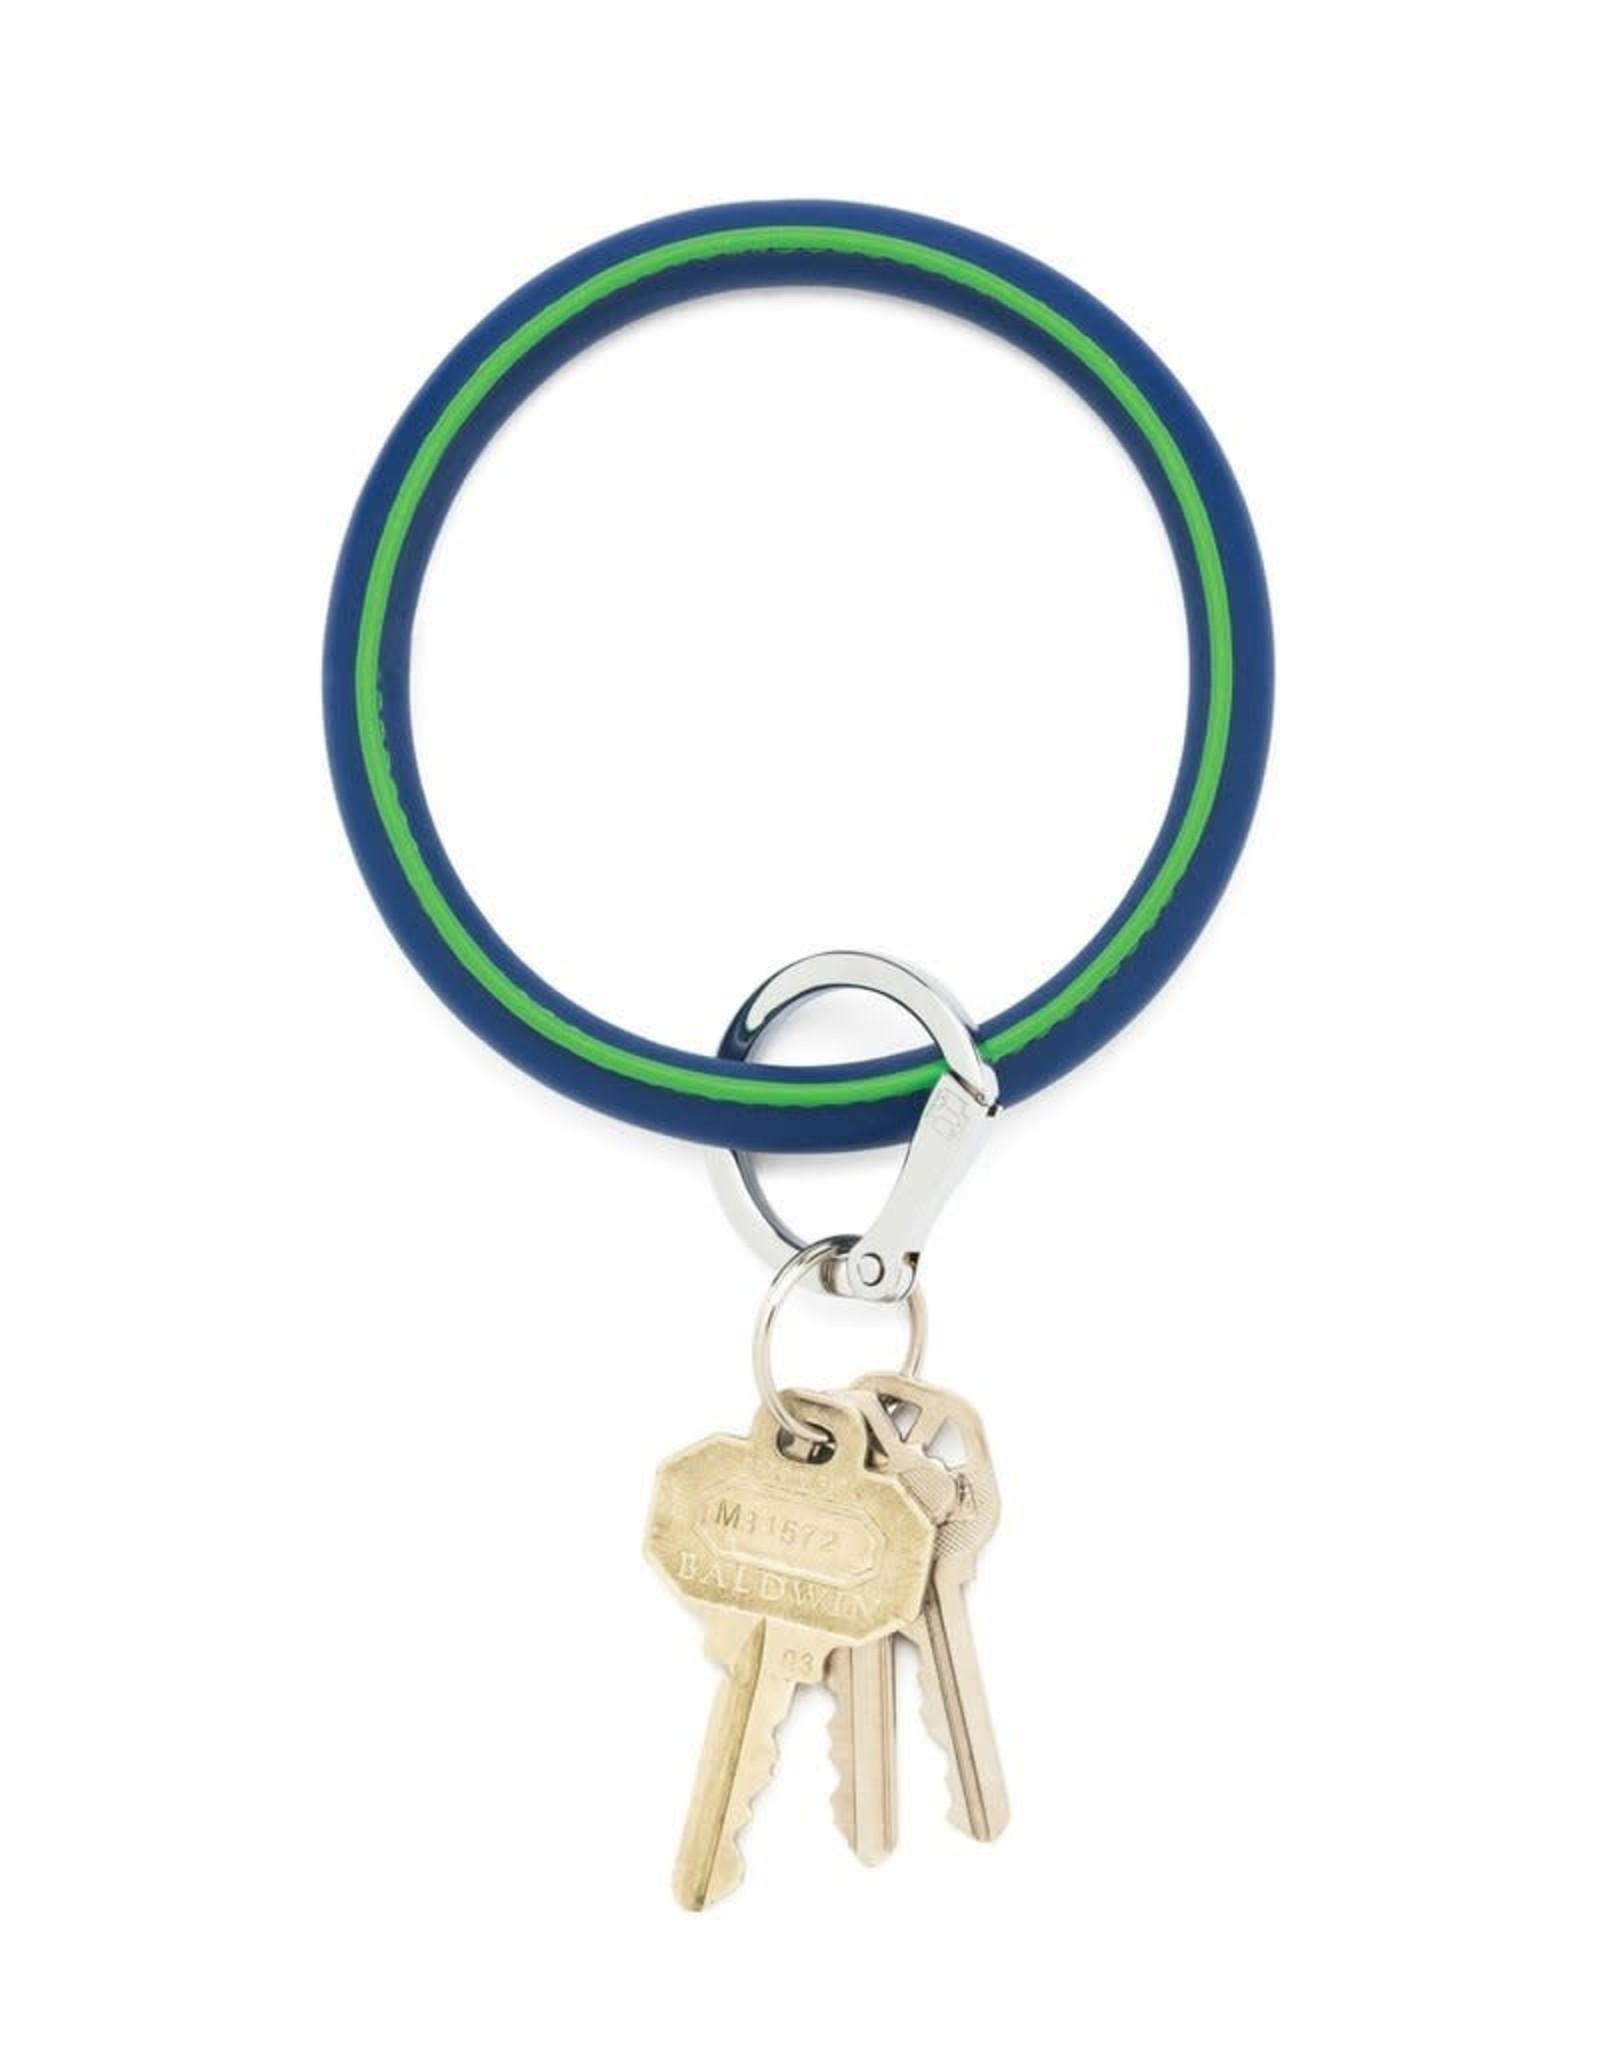 Big O Key Rings / Oventure Leather Signature Two-Tone Big O Key Rings